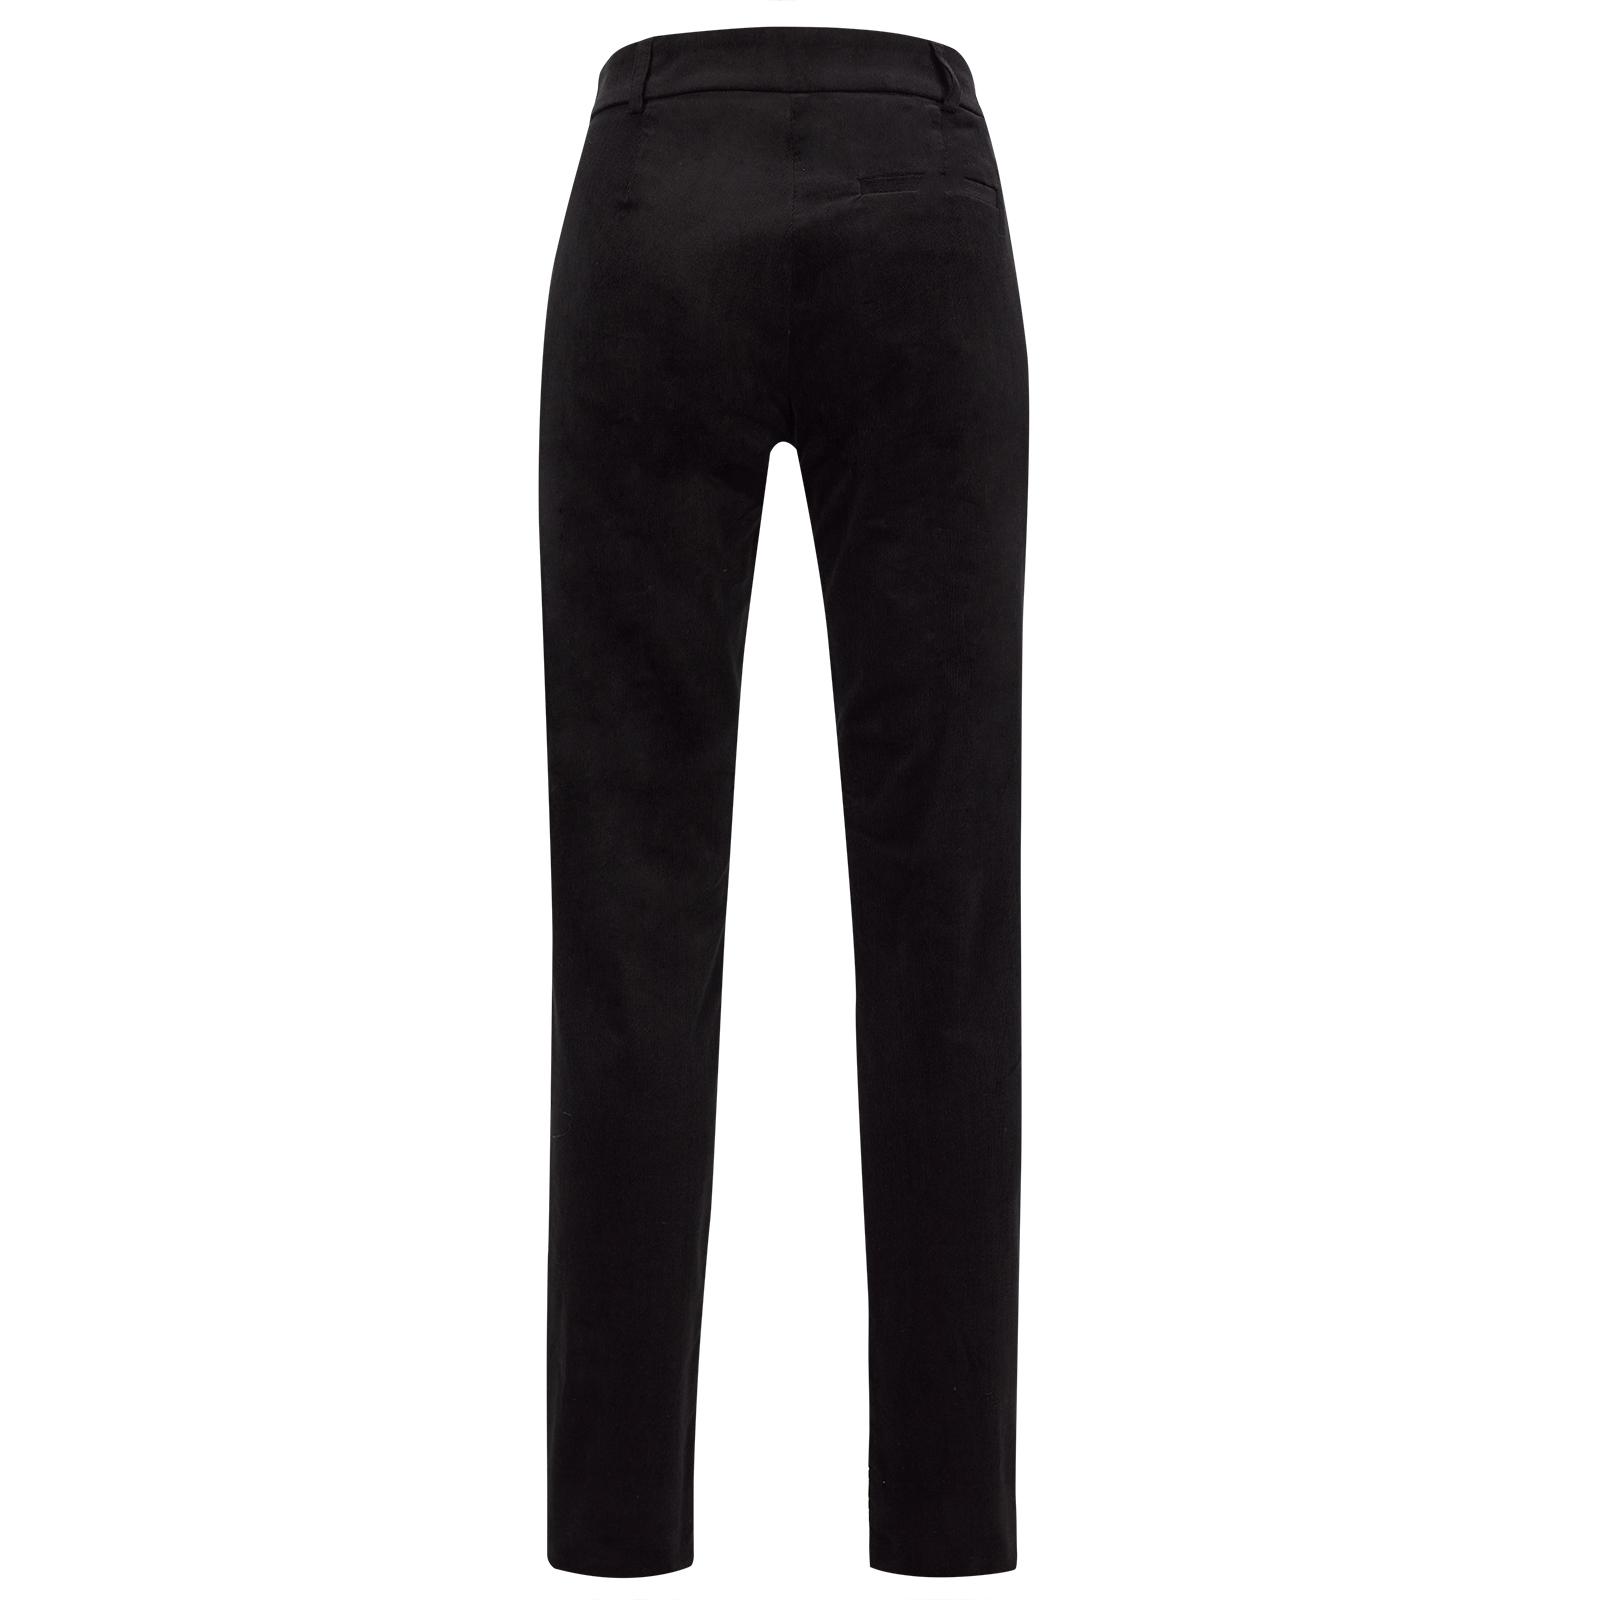 7/8 Damen Stretch Golfhose aus besonders hautfreundlichem Soft Cord